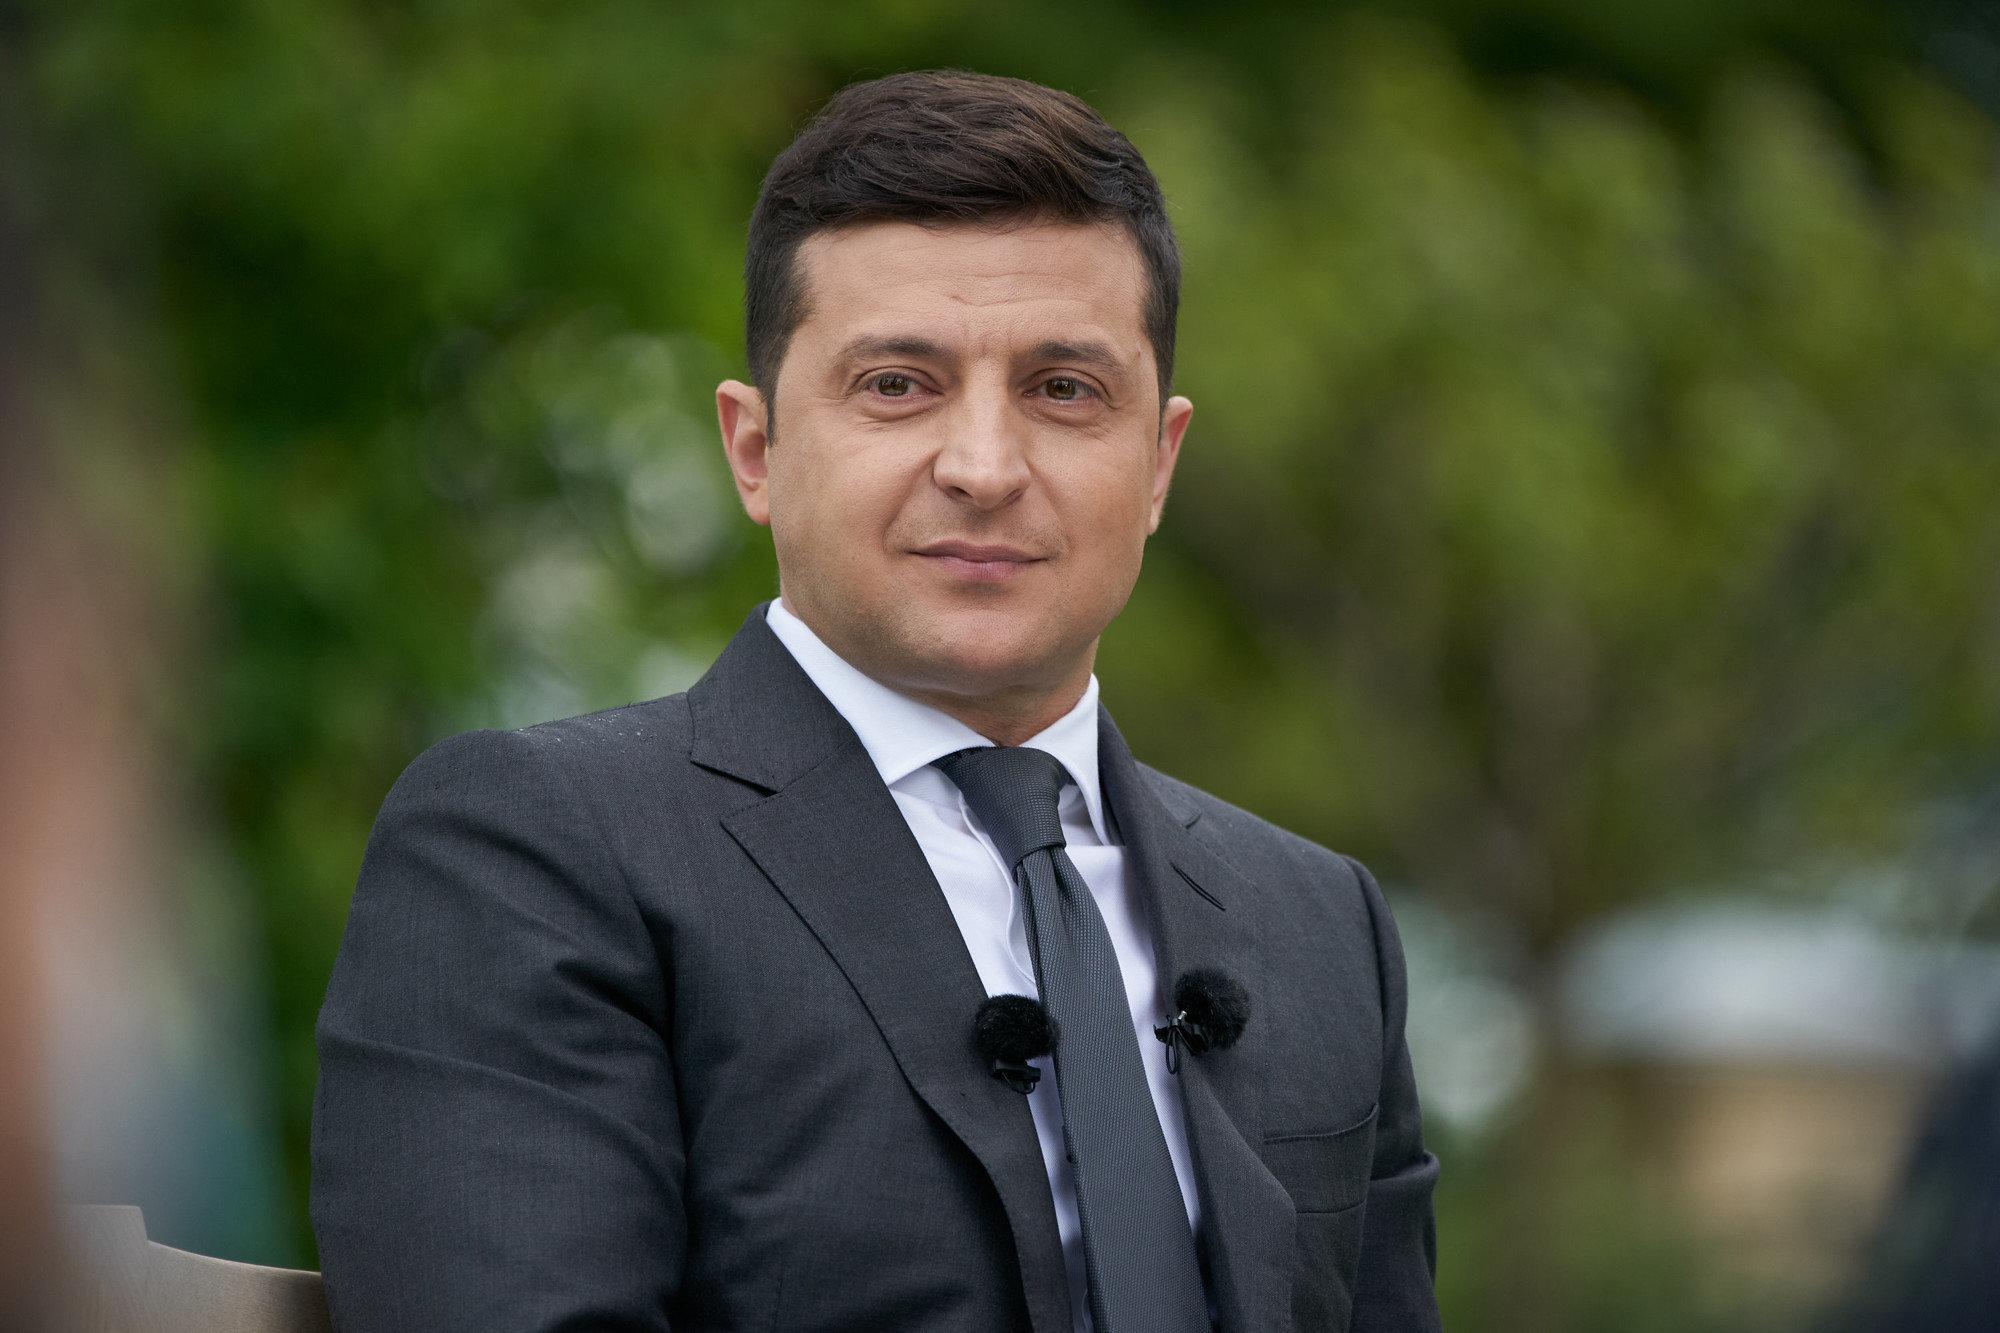 Зеленський в Буковелі: українці викладають селфі з президентом